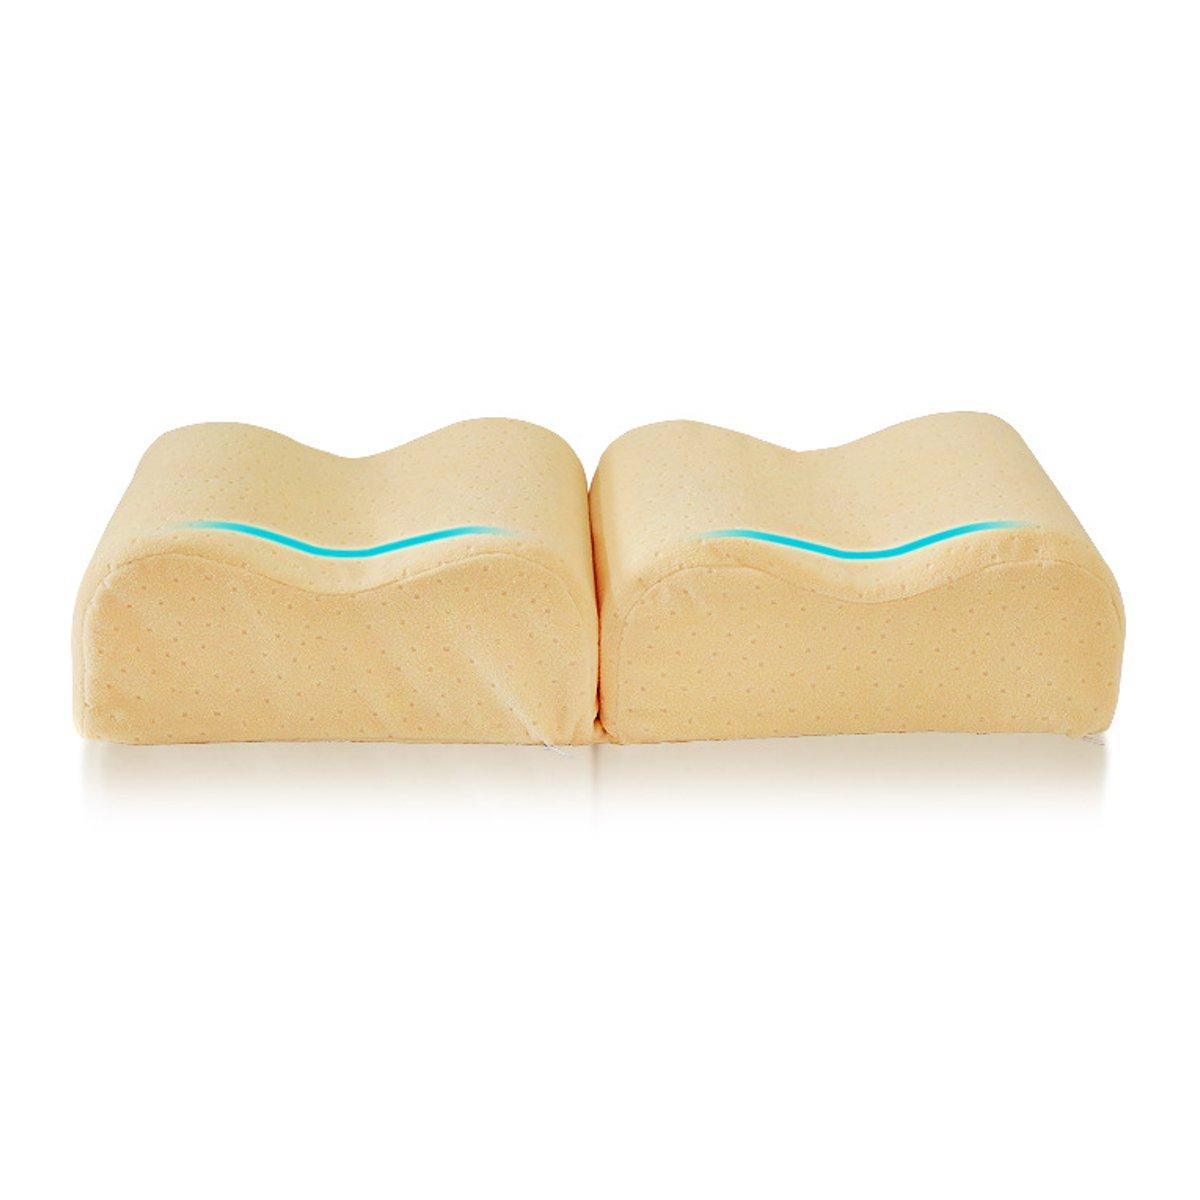 Подушка Sleep Foam Yoga Подушка для ног Спальники и боковые шпалы, эргономичный вариант пуховой альтернативы между и под - фото 5